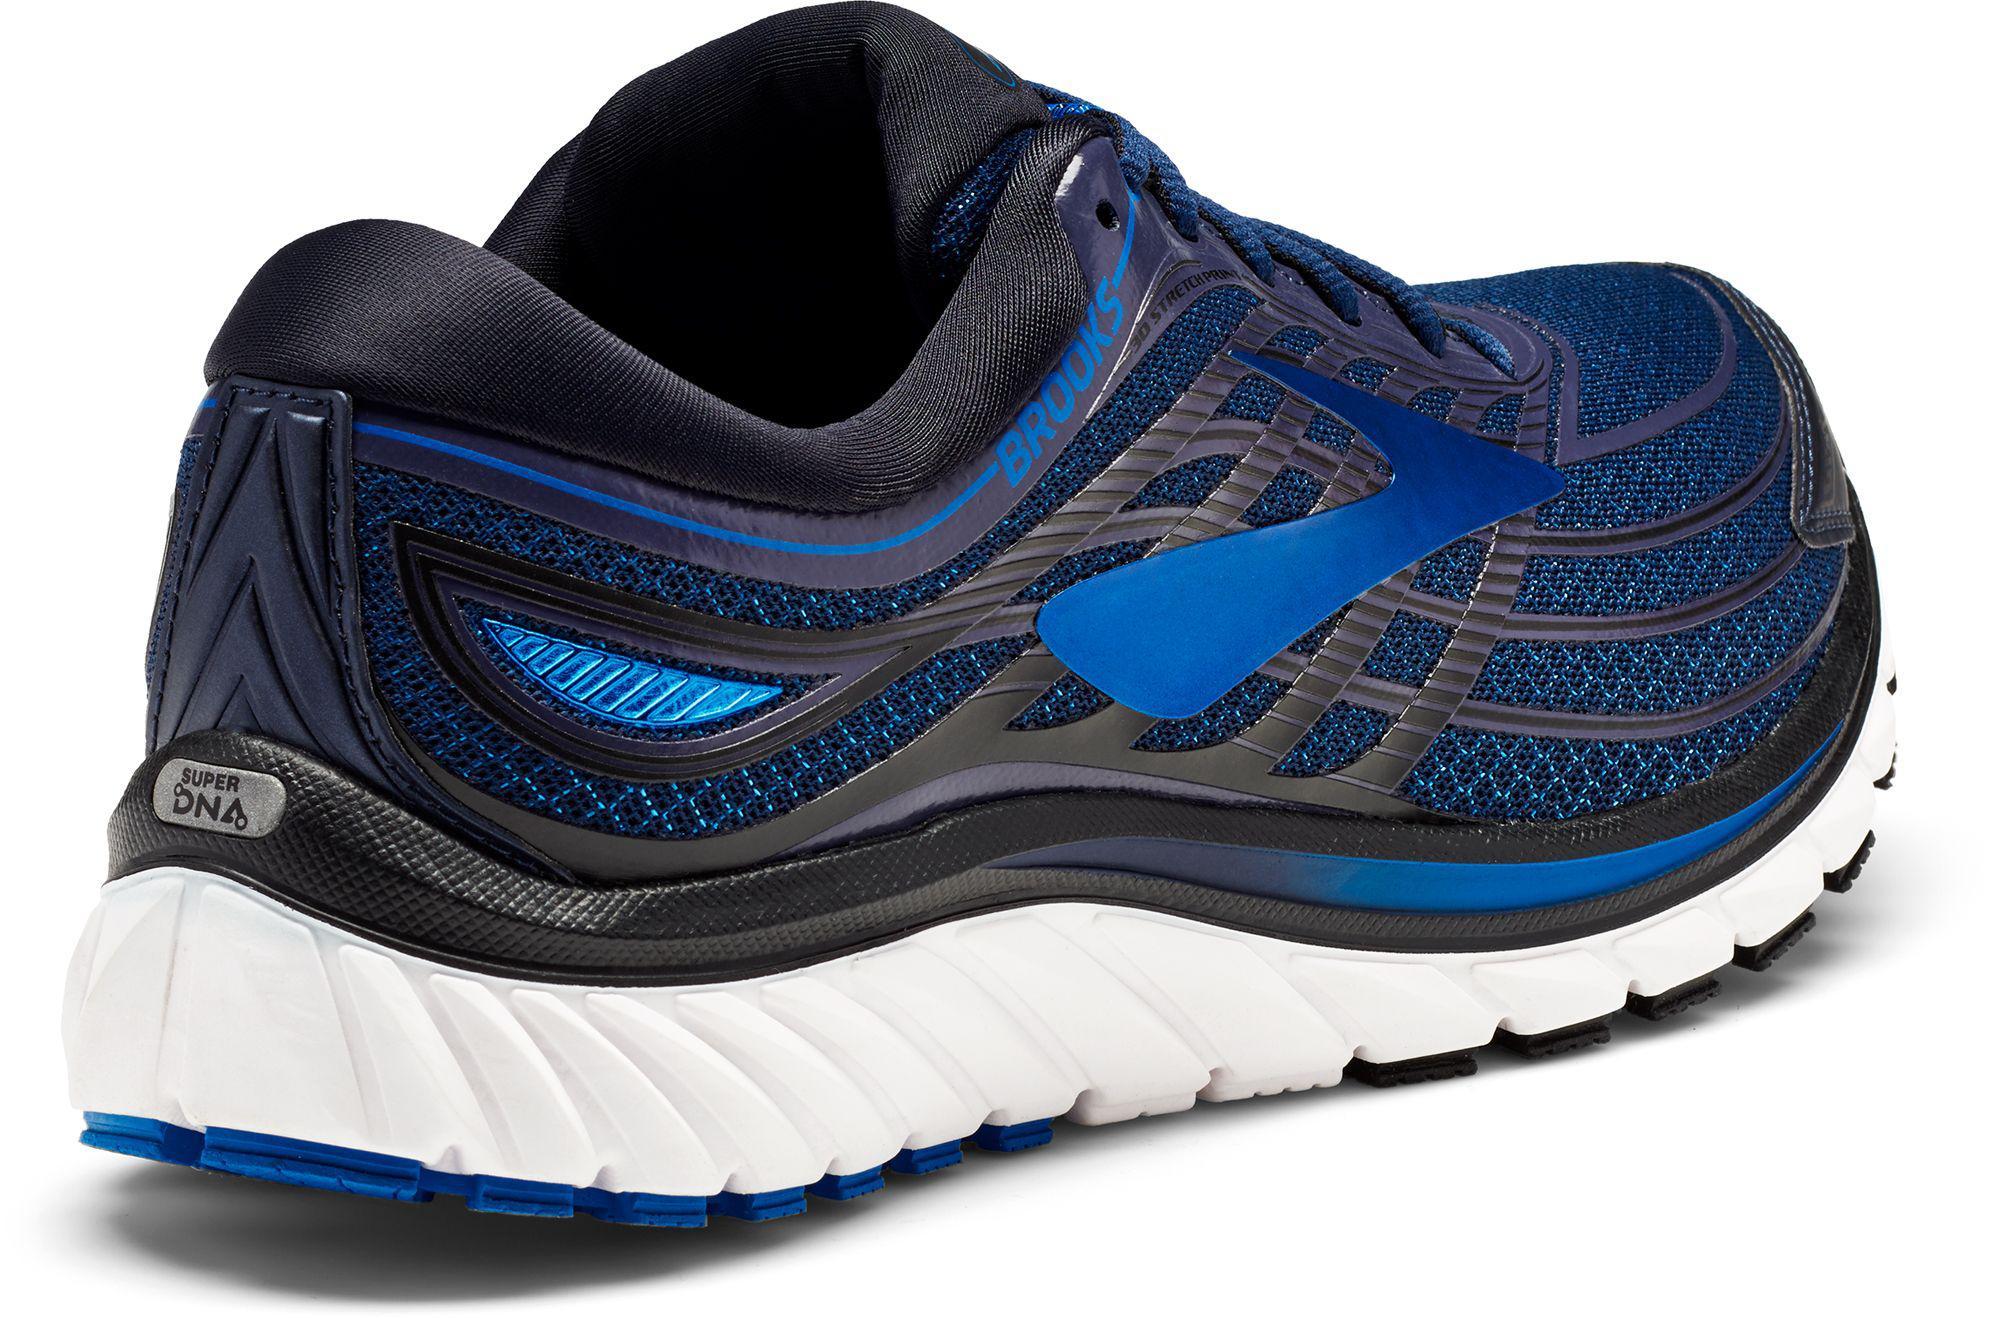 b6cf89e6148e Lyst - Brooks Glycerin 15 Running Shoes in Blue for Men